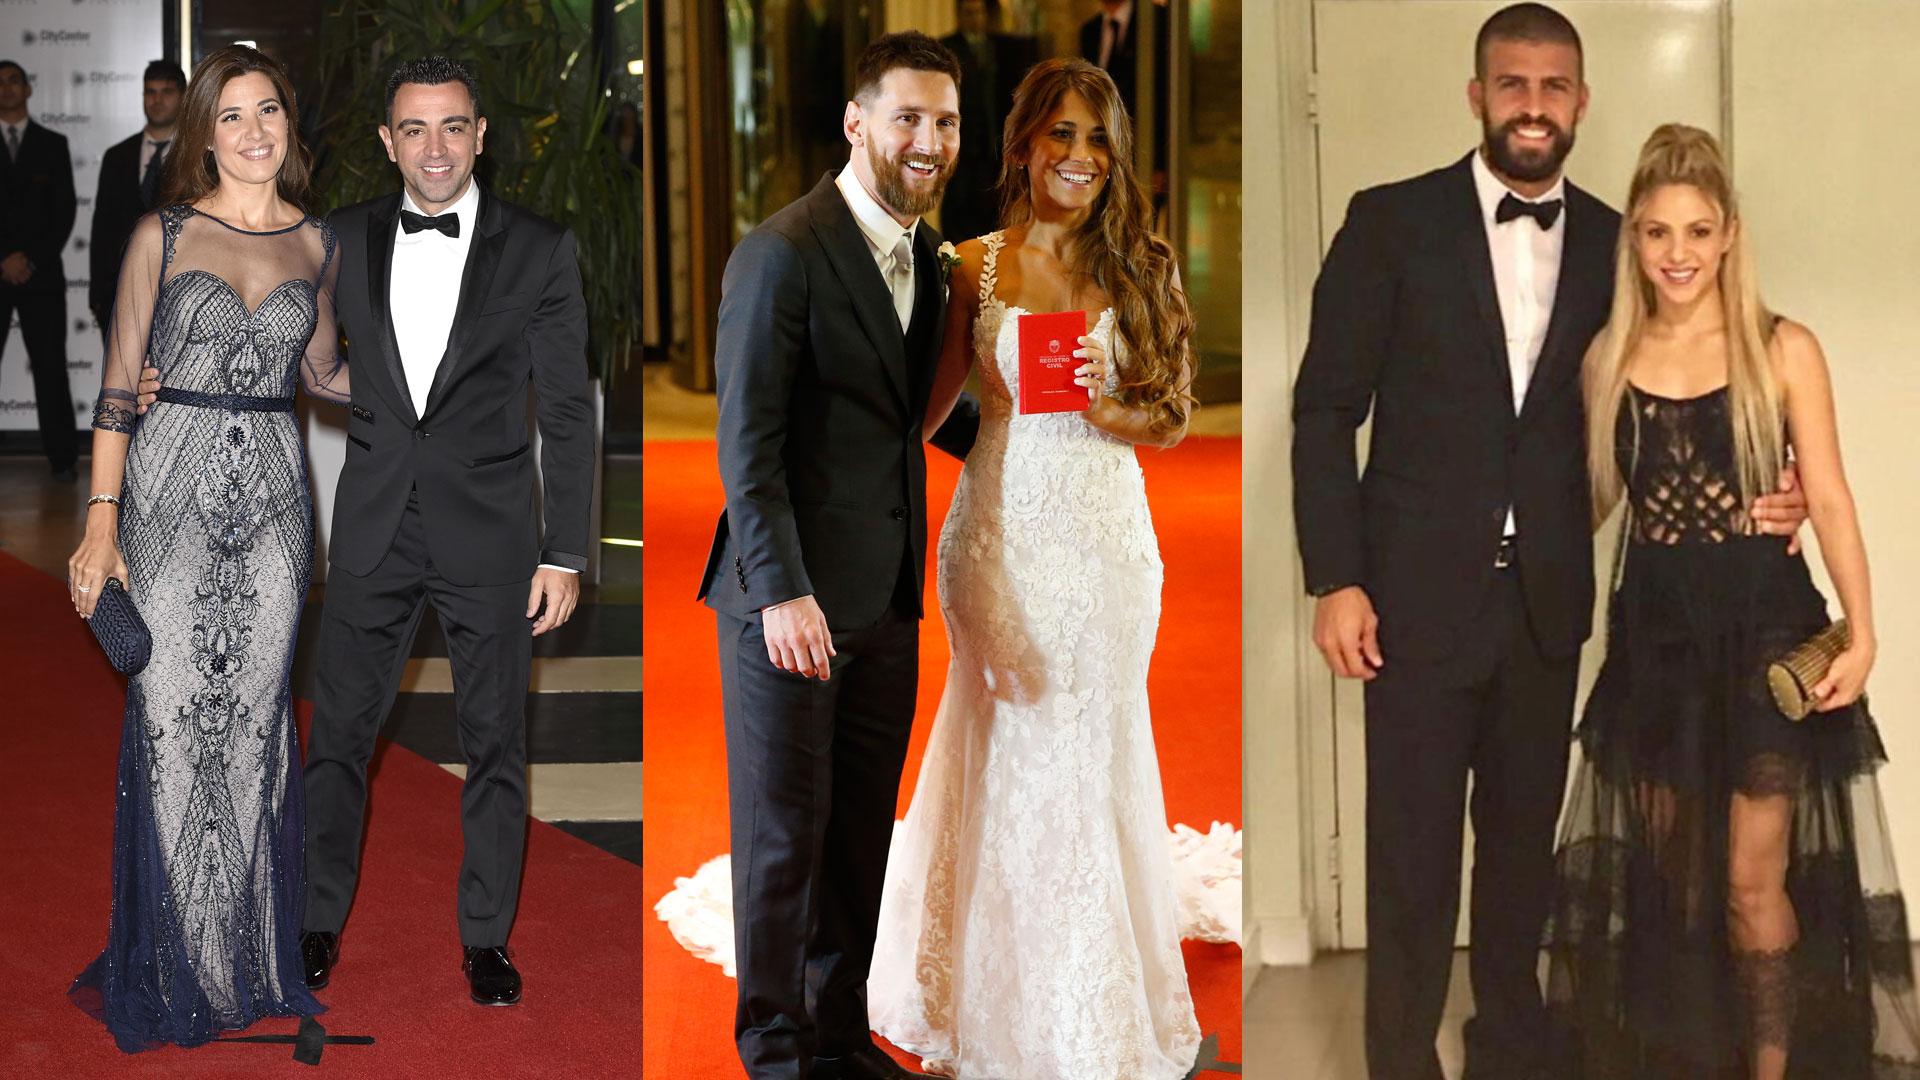 Matrimonio De Messi : Lionel messi y antonella roccuzzo se casaron mira los